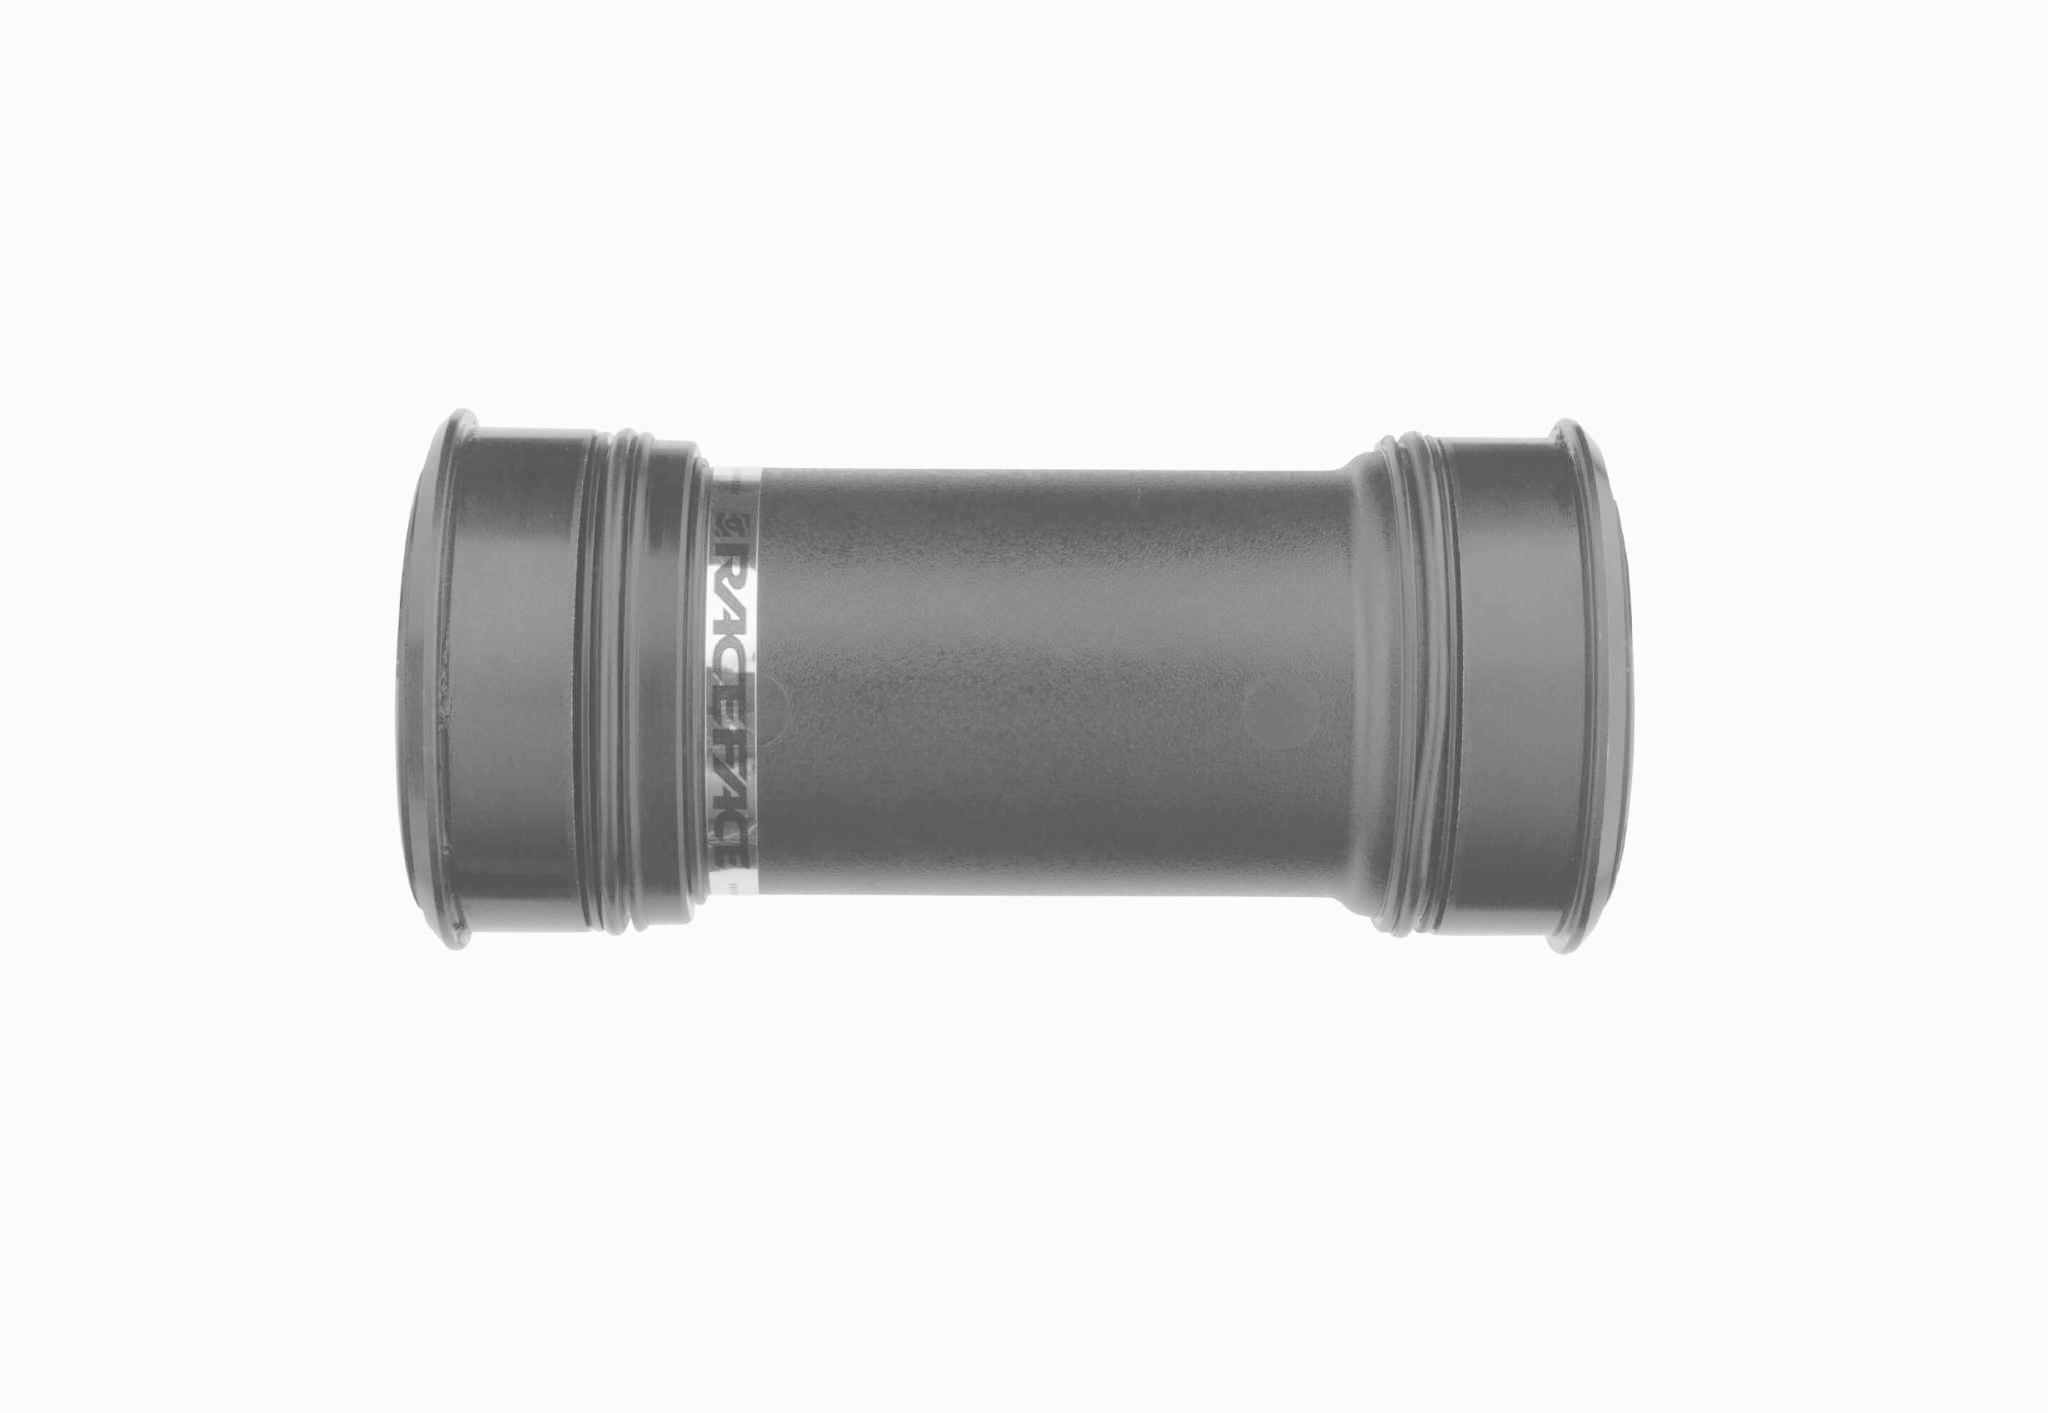 Jeux de pédalier Race Face BB92 Double Row Cinch 30mm 92mm